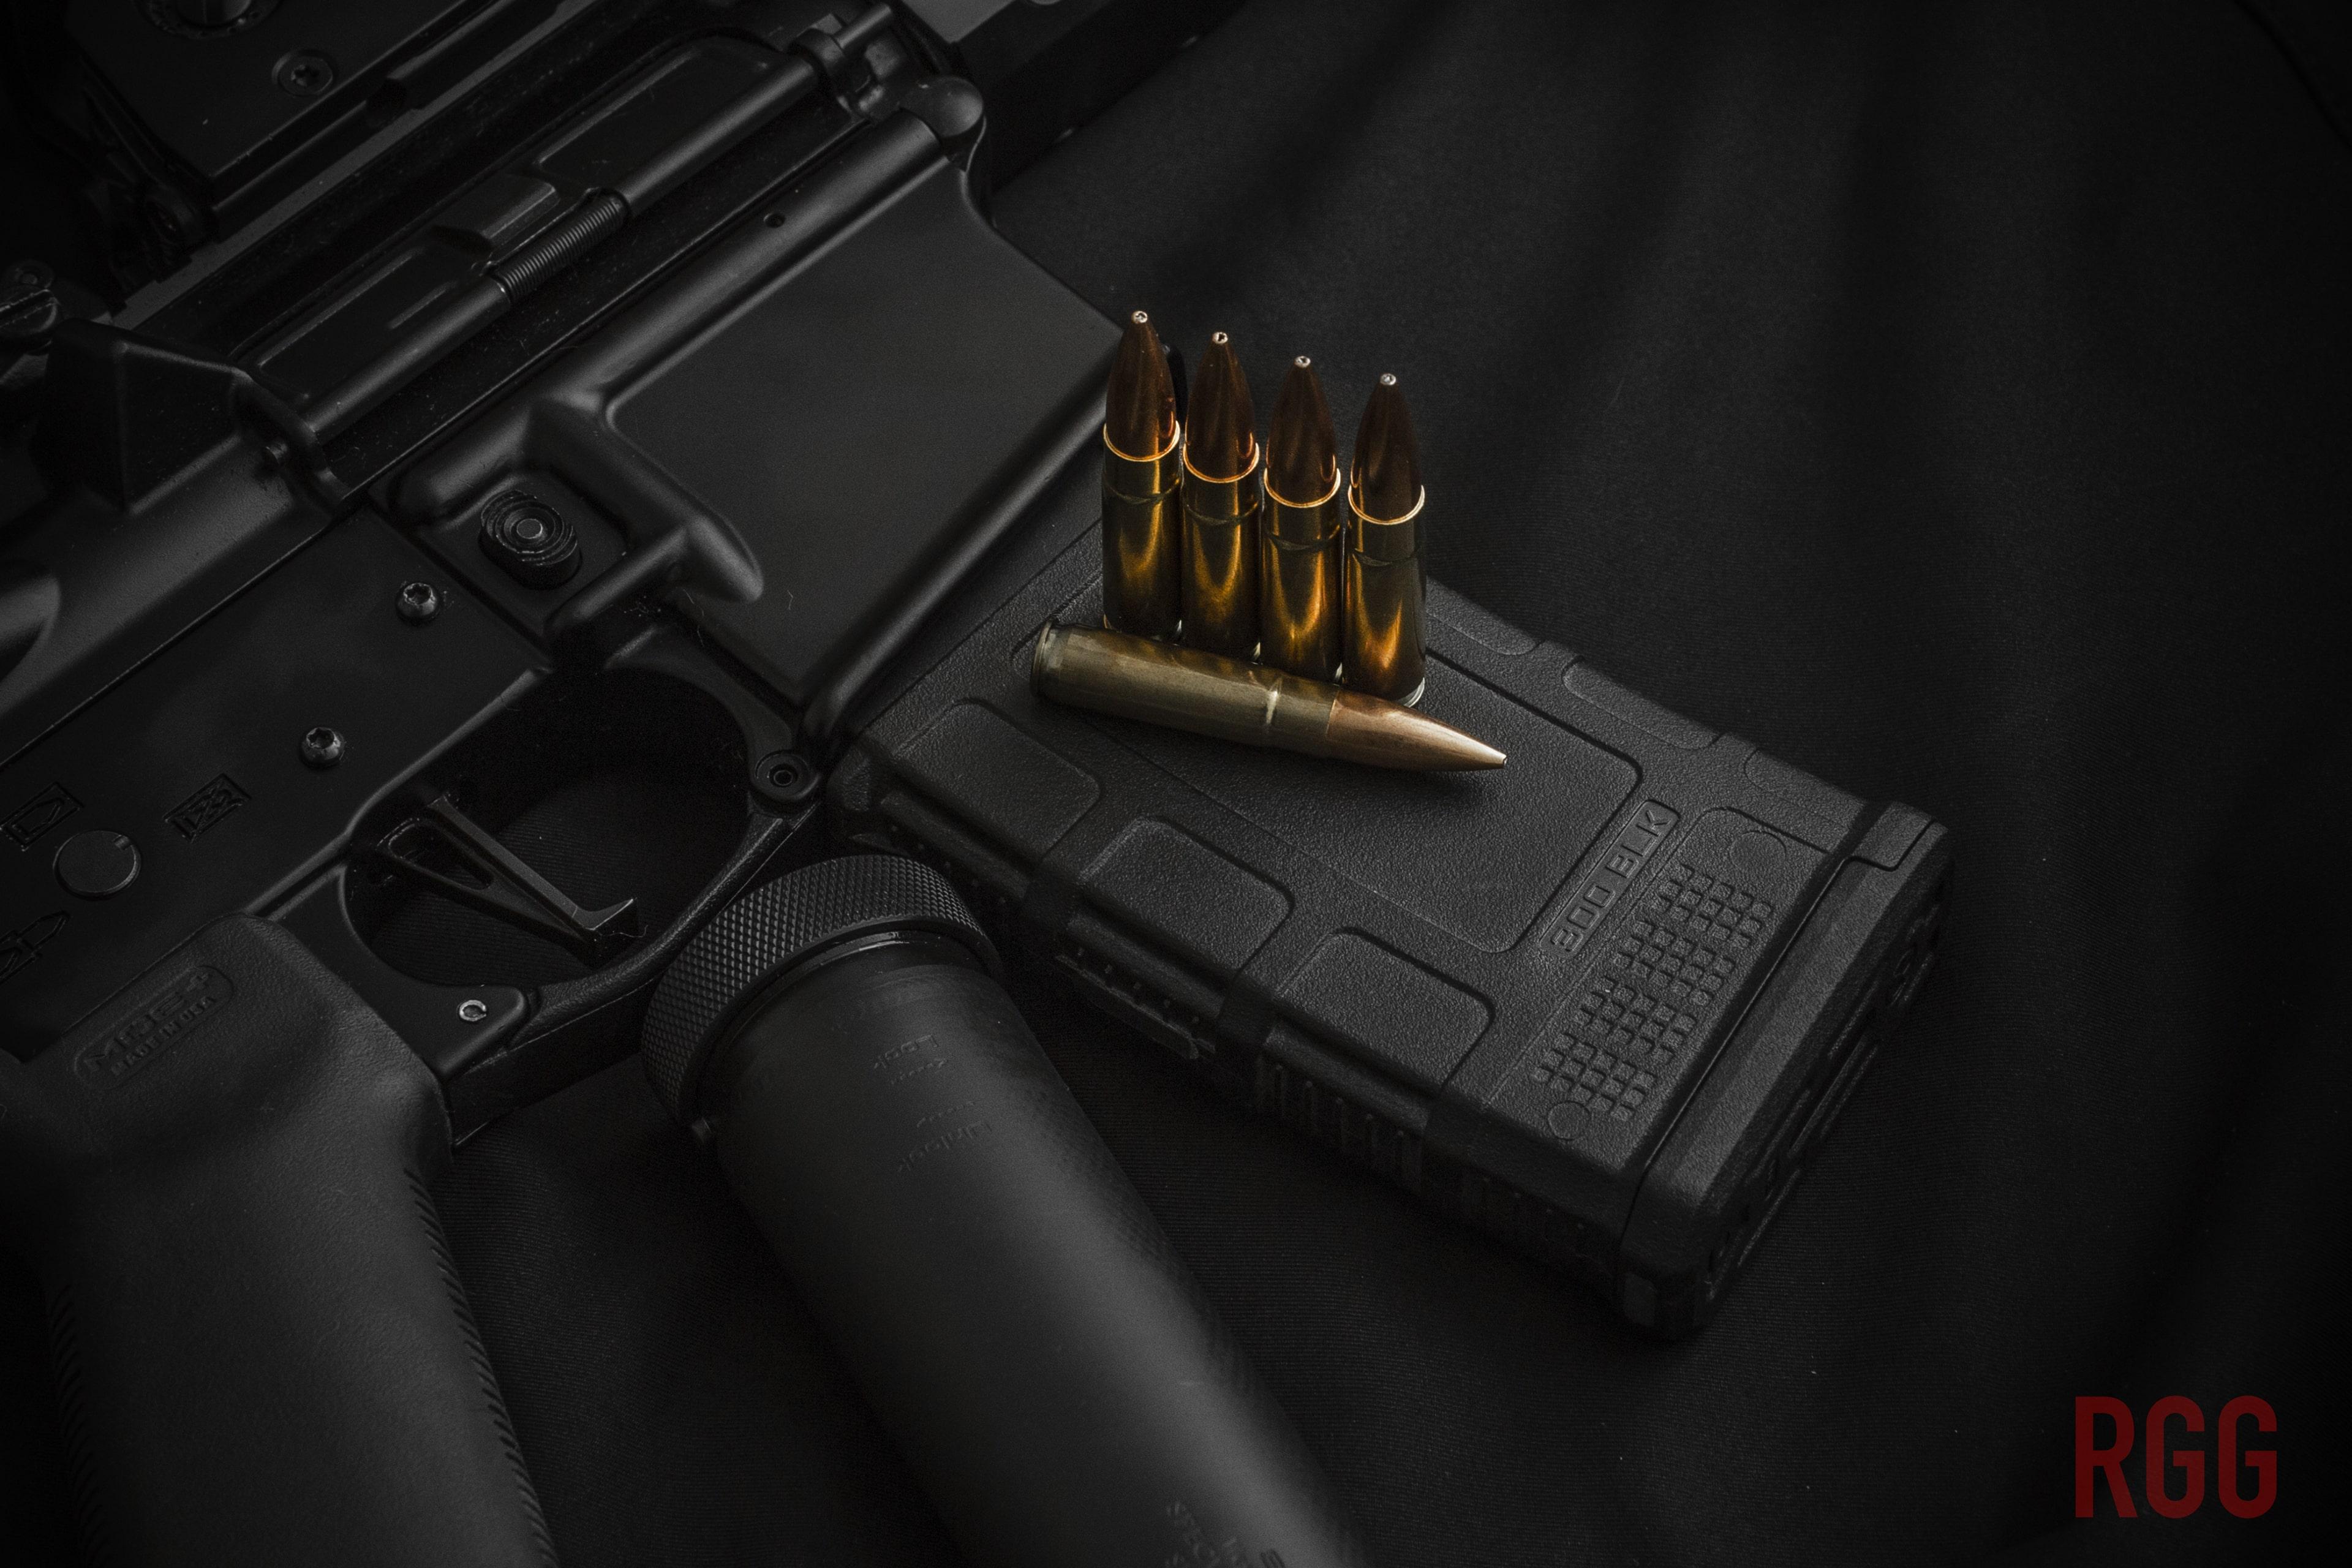 300 BLK, a hipster caliber?